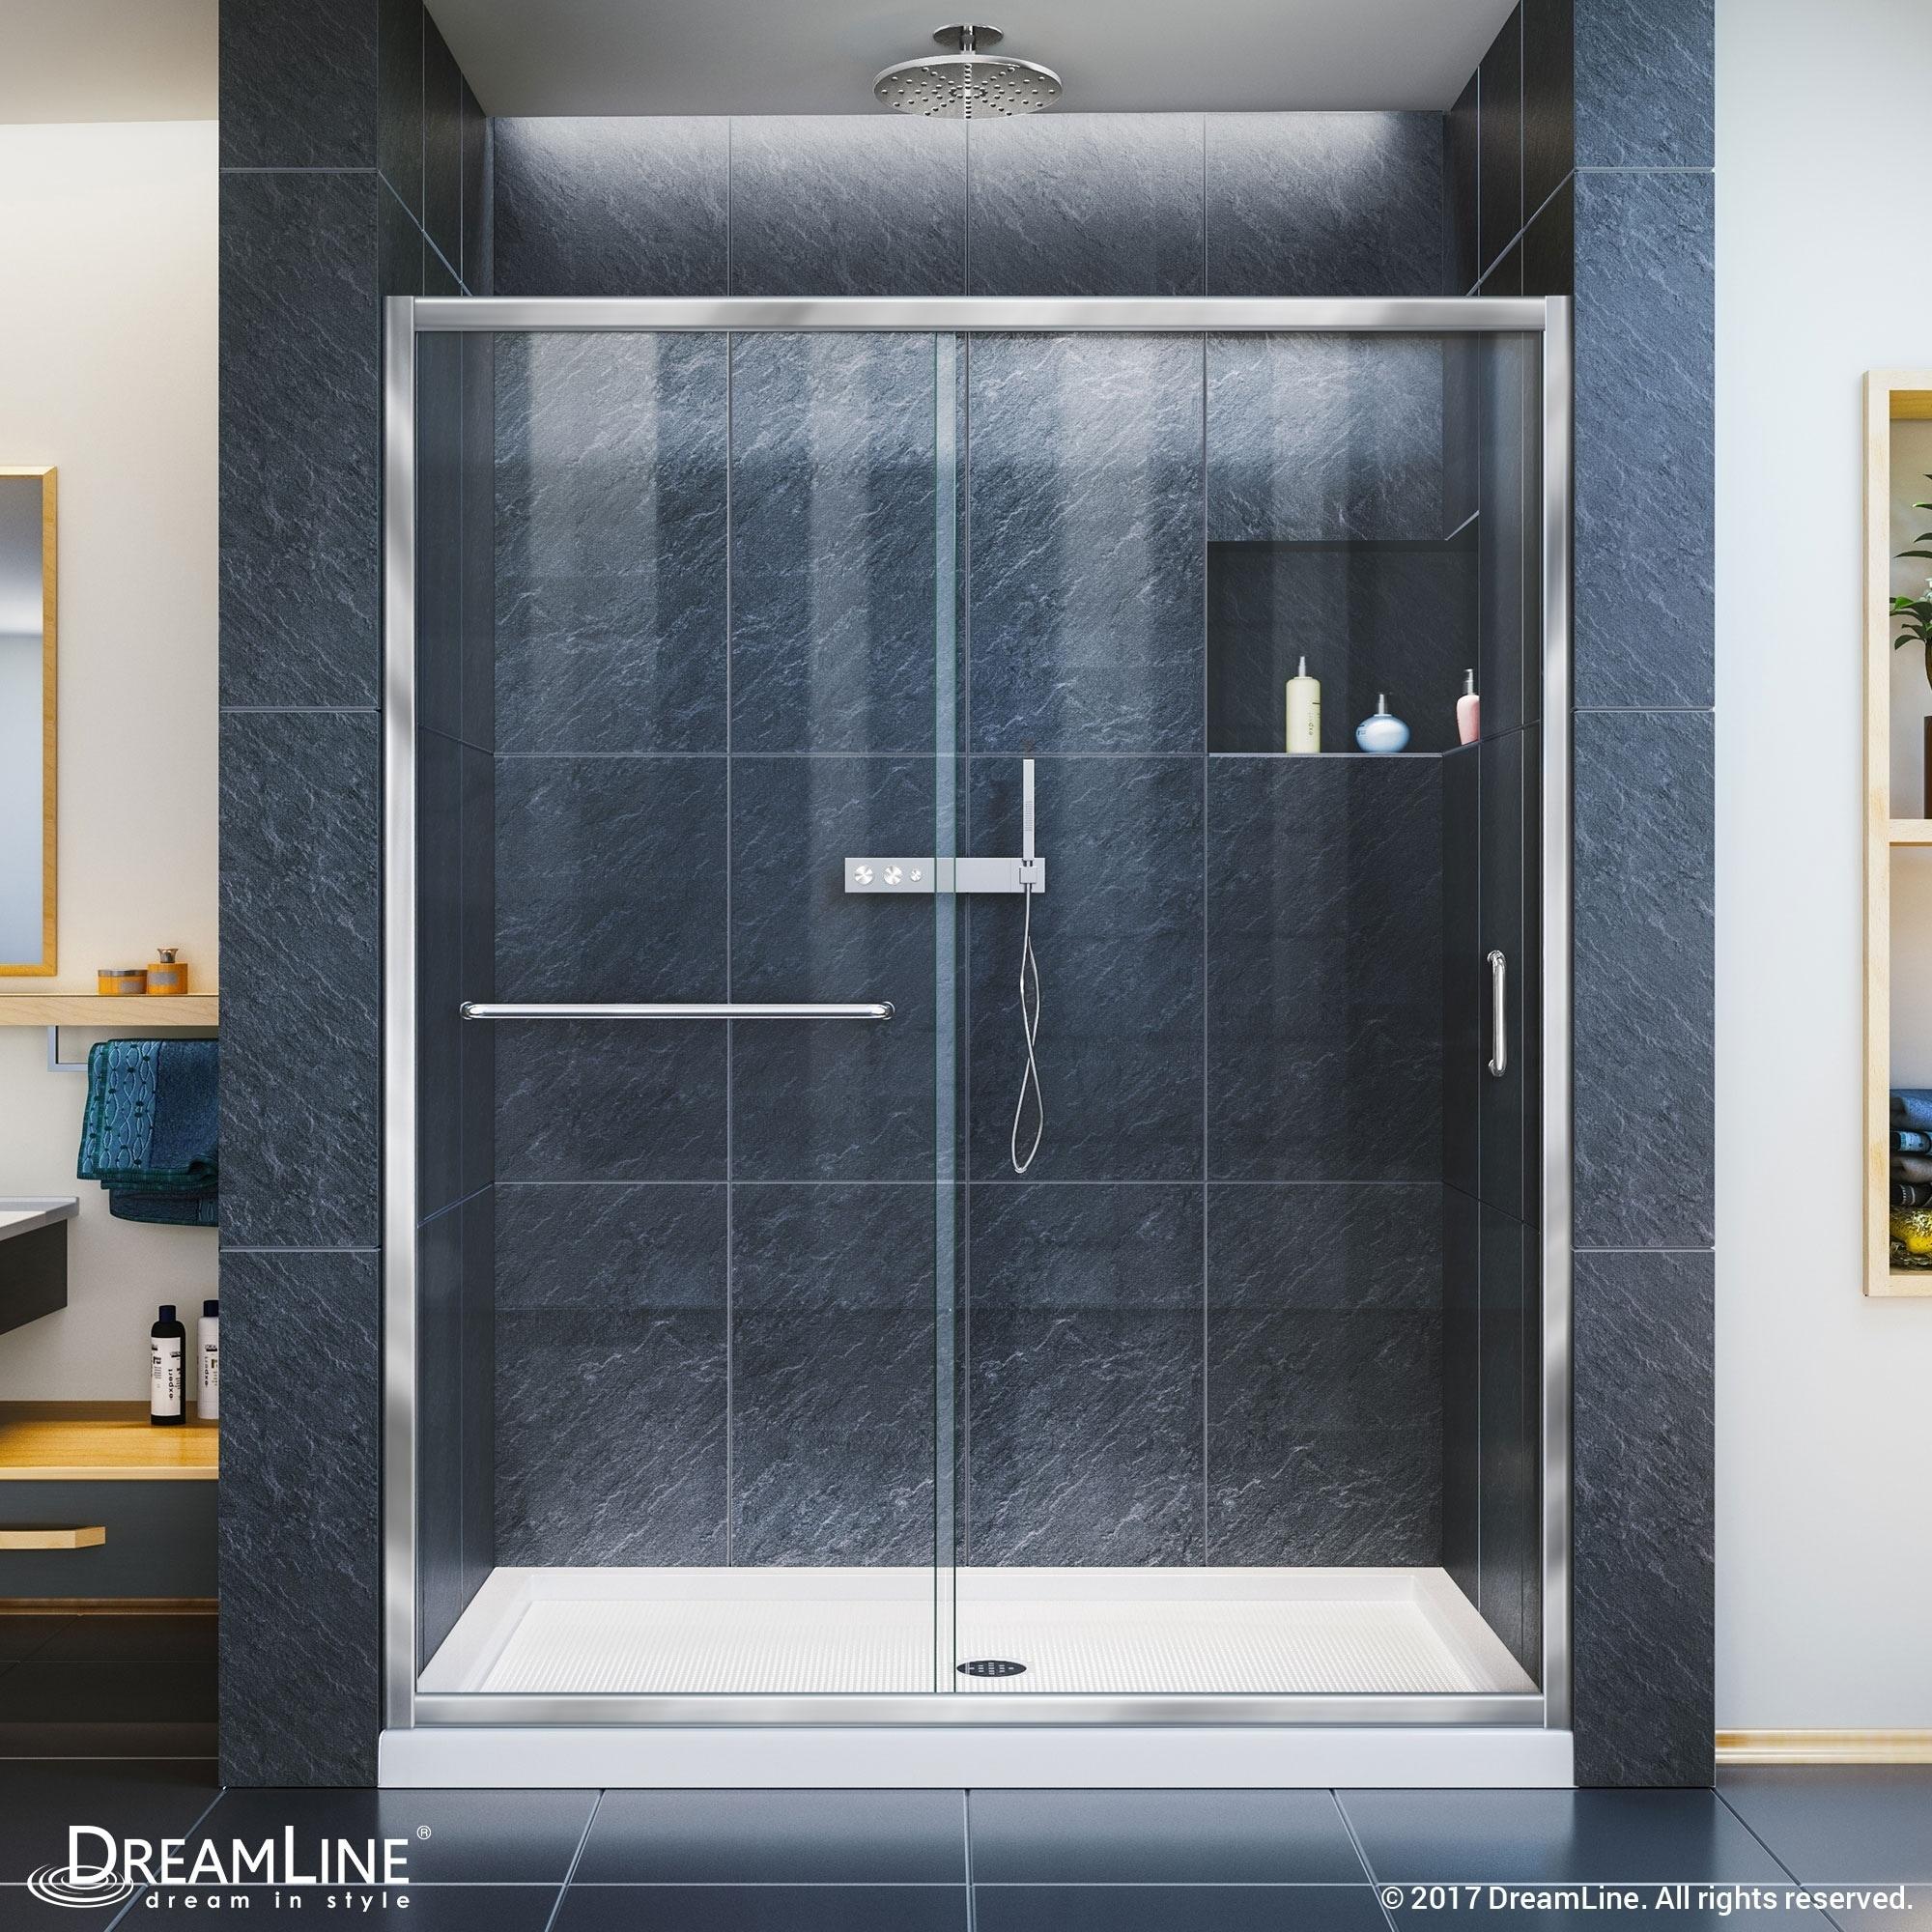 Shop Dreamline Infinity Z 56 60 In W X 72 In H Semi Frameless